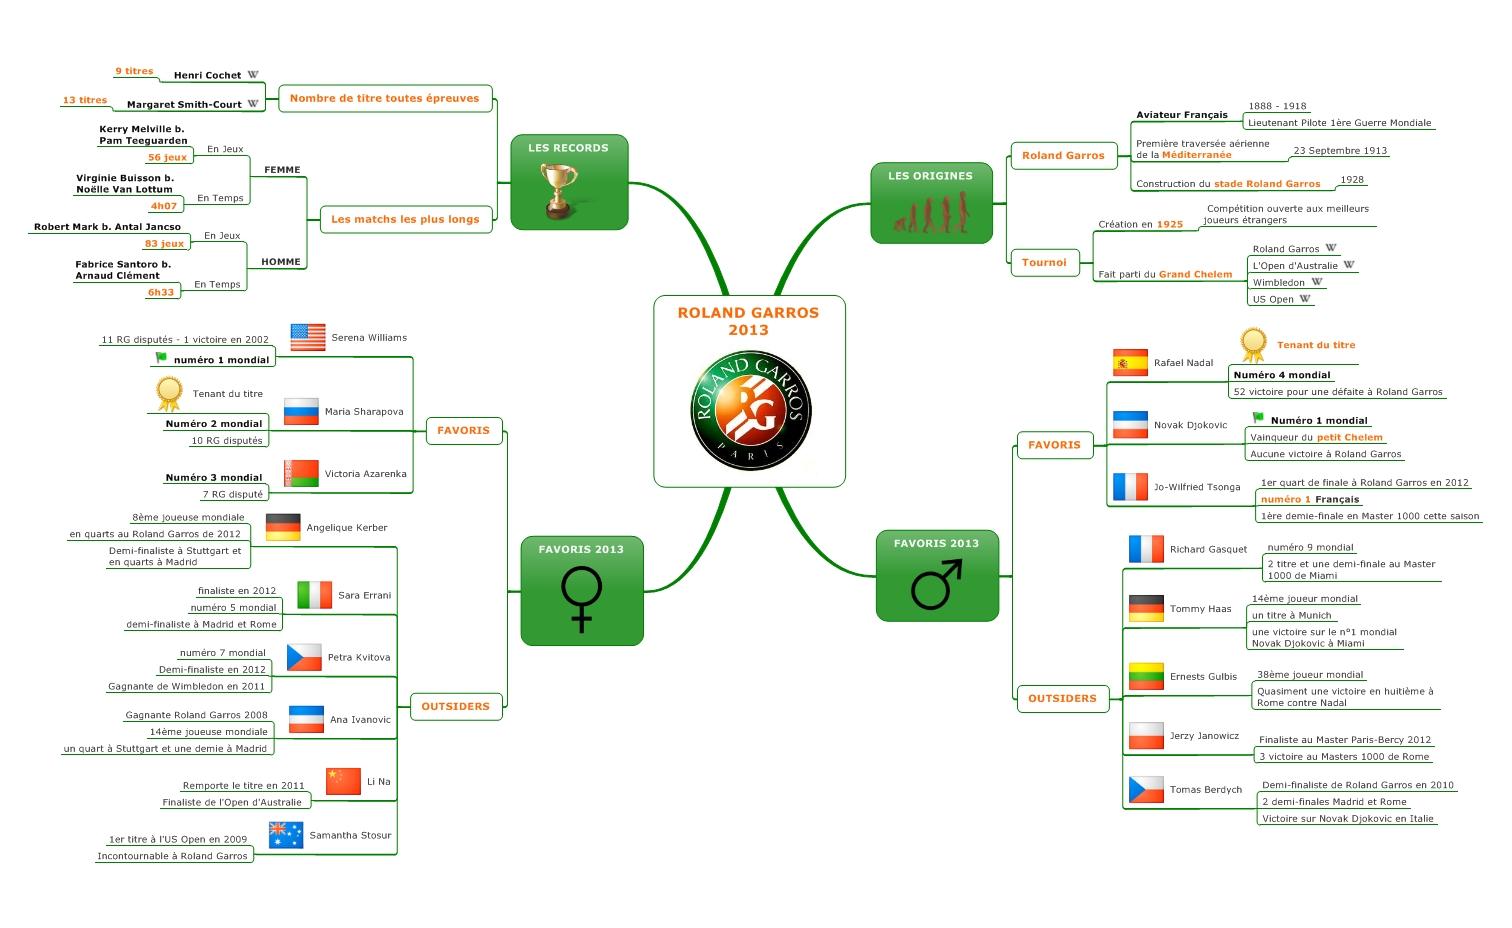 #ACTUMAPPING: Tout ce que vous devez savoir avant de regarder Roland Garros !